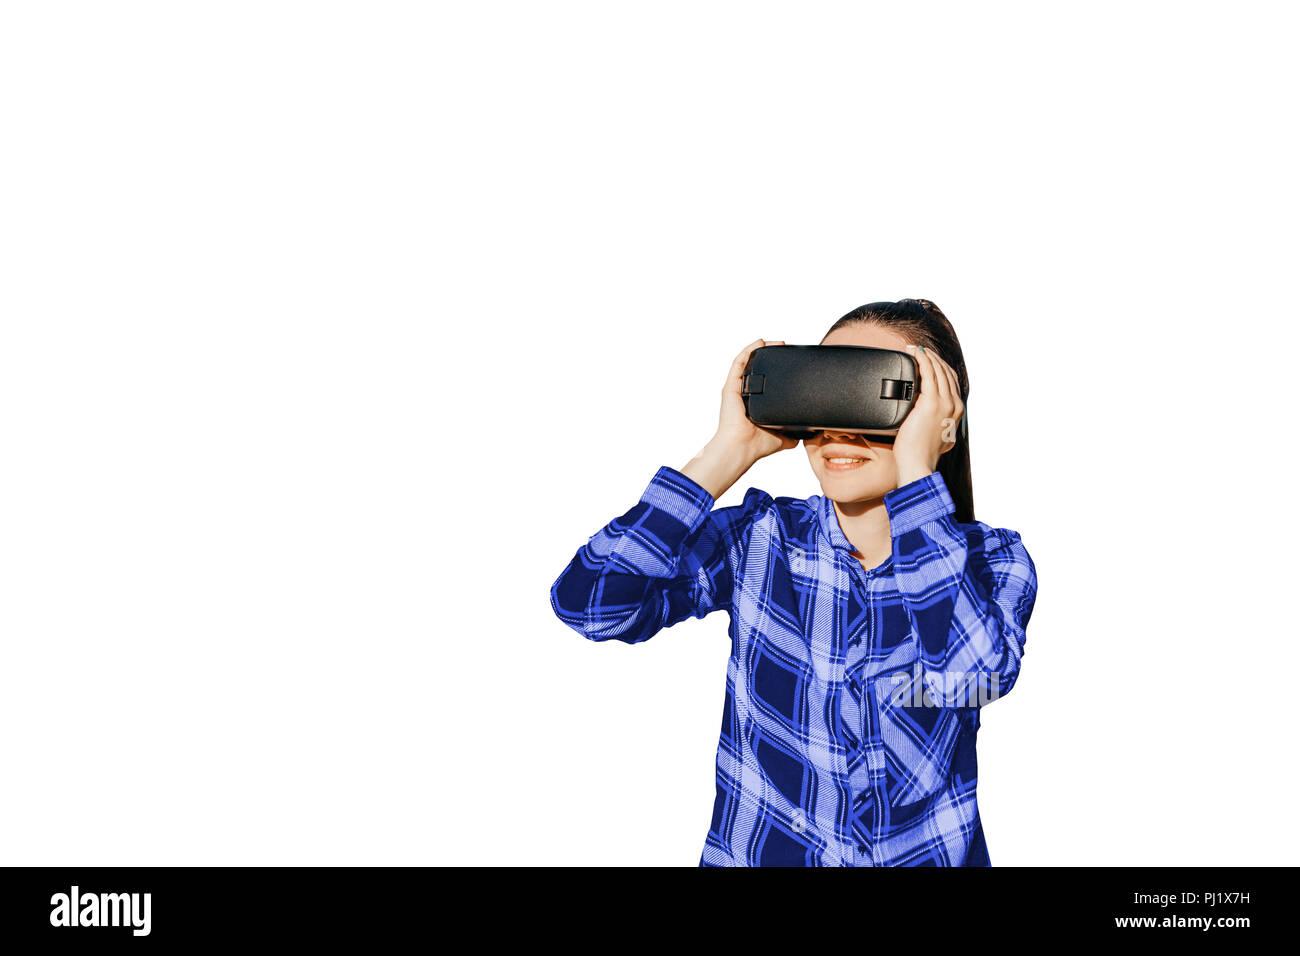 La mujer con gafas de realidad virtual aislado sobre fondo blanco. La tecnología del futuro concepto. La moderna tecnología de diagnóstico por imagen. Foto de stock